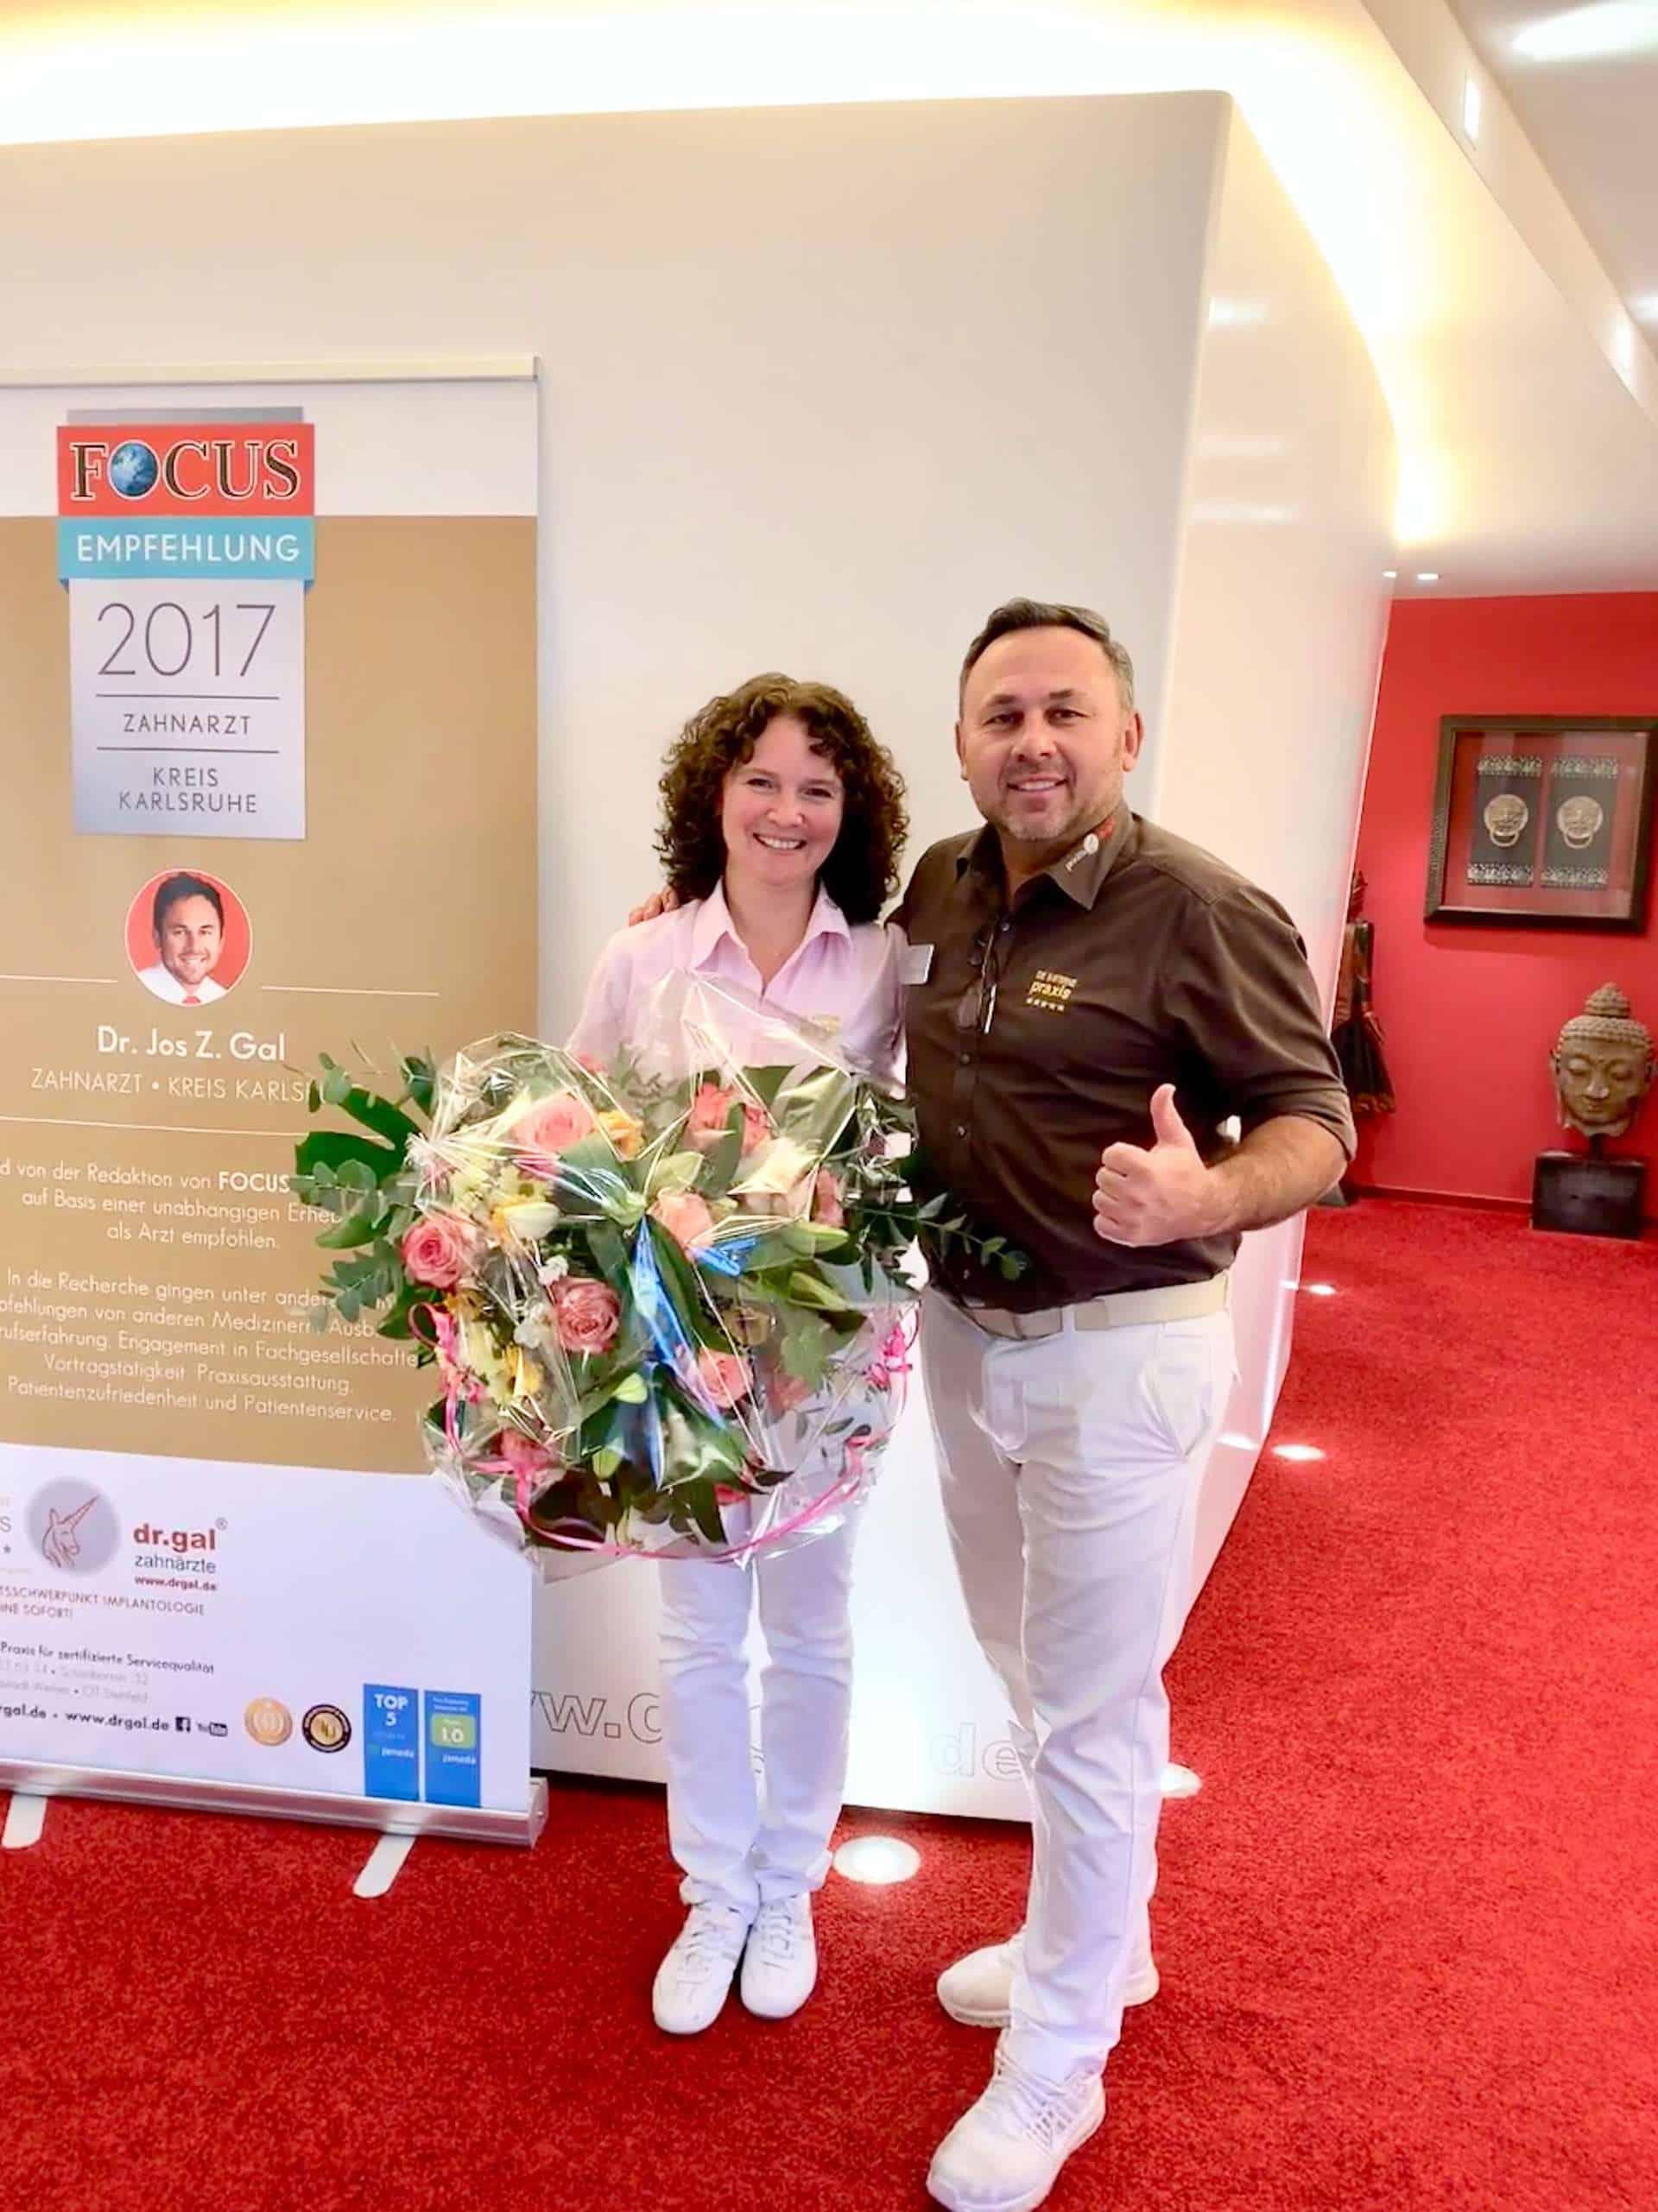 Zahnarzt Dr. Gal gratuliert Katharina Lenz mit Blumenstrauß zum Jubilaeum